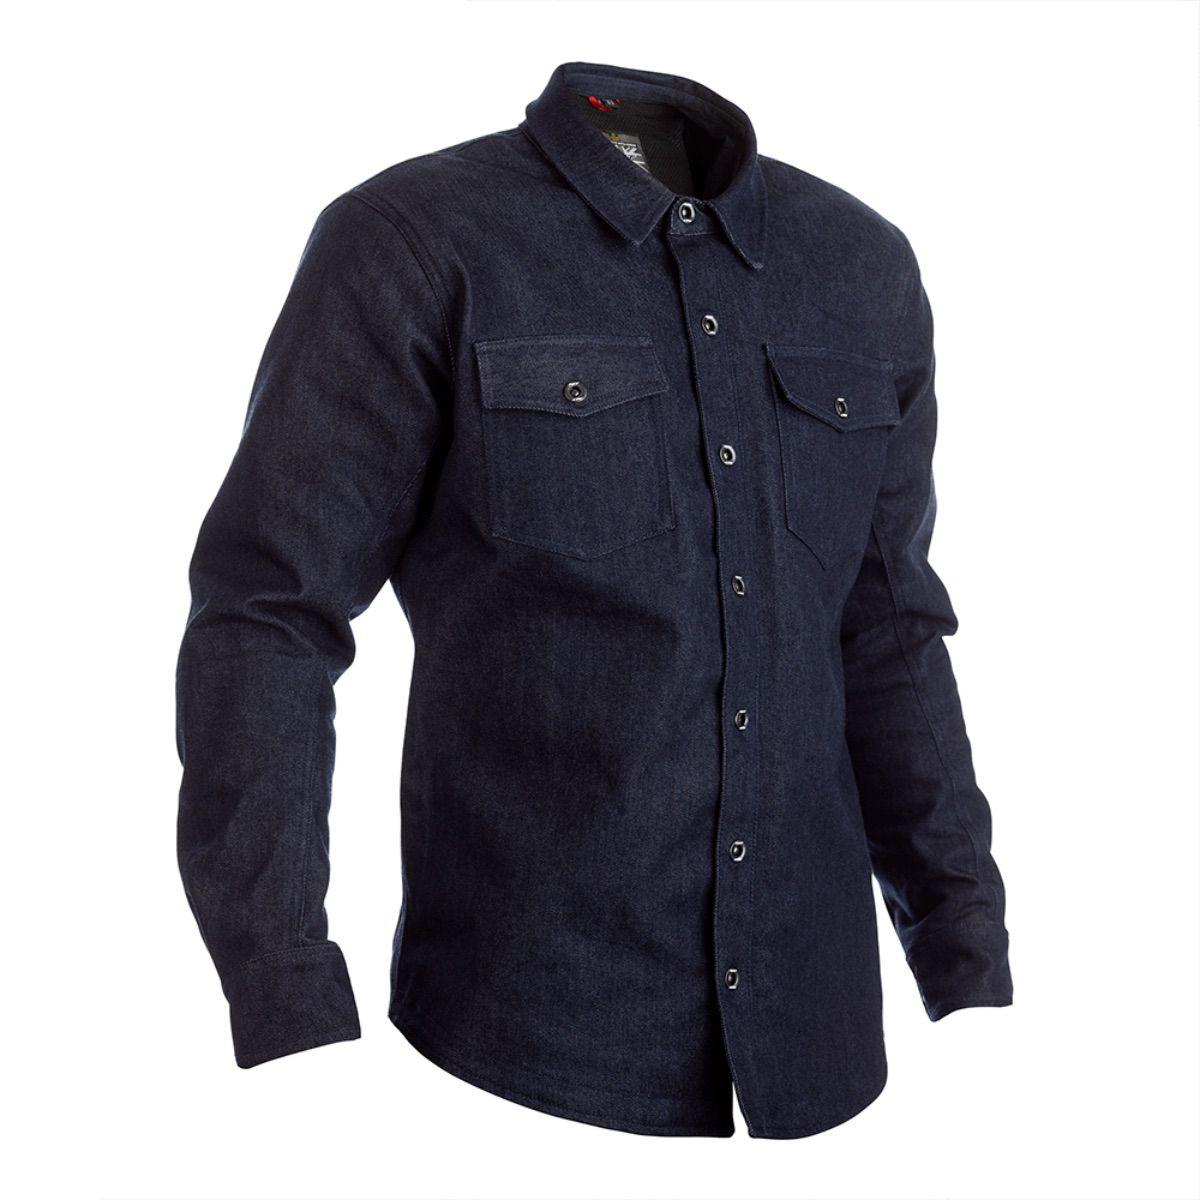 RST lanza una nueva colección de ropa informal pero igual de segura